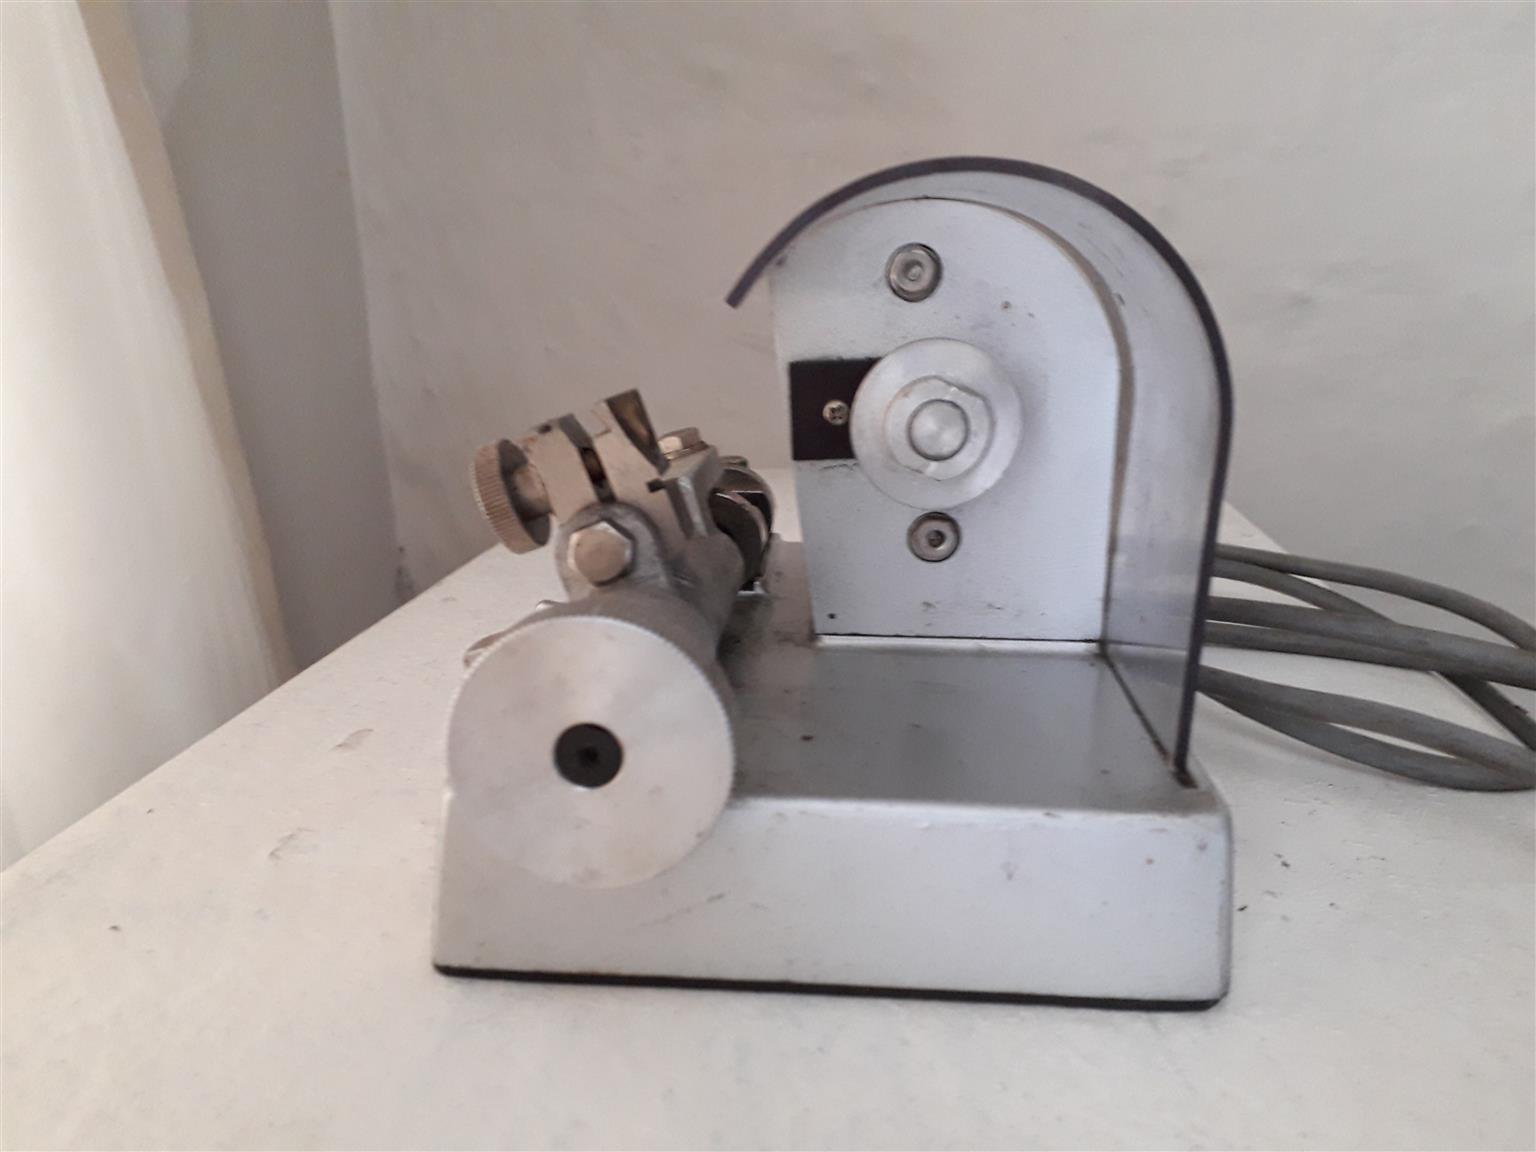 Bracelet cutter Bergeon no. 5683 A